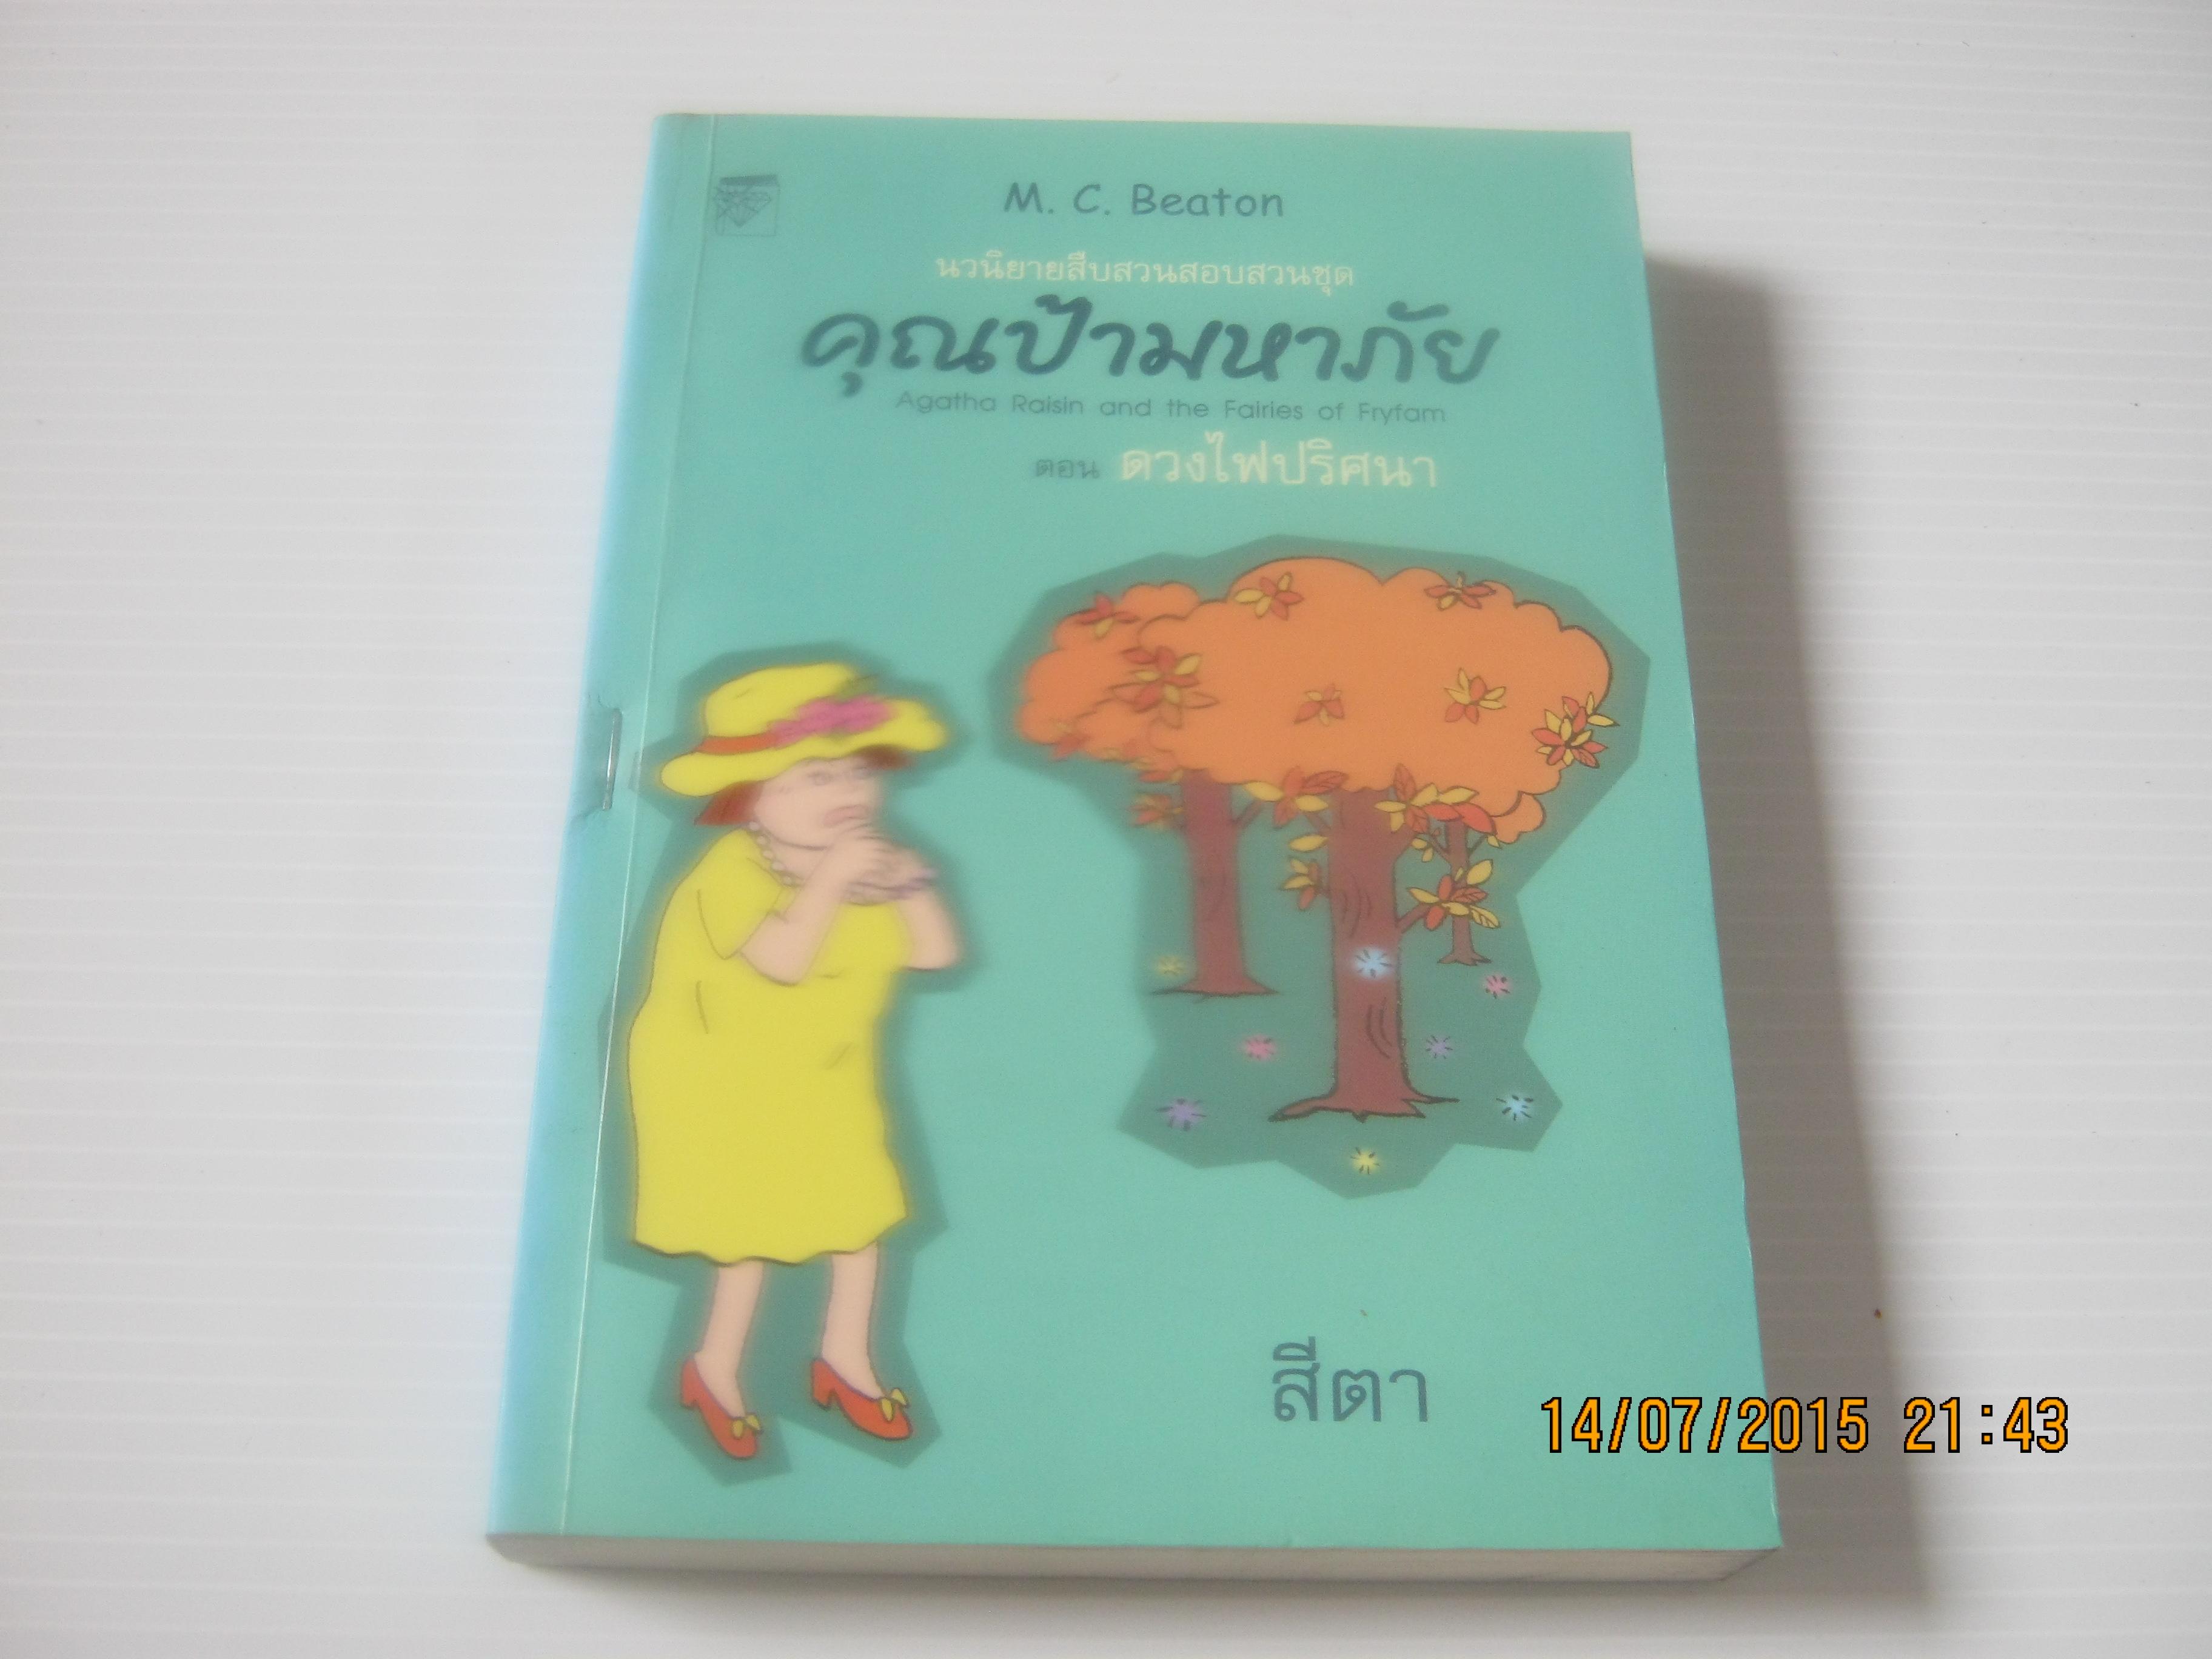 คุณป้ามหาภัย เล่ม 10 ตอน ดวงไฟปริศนา (Agath Raisin and the Fairies of Fryfam) M.C. Beaton เขียน สีตา แปล